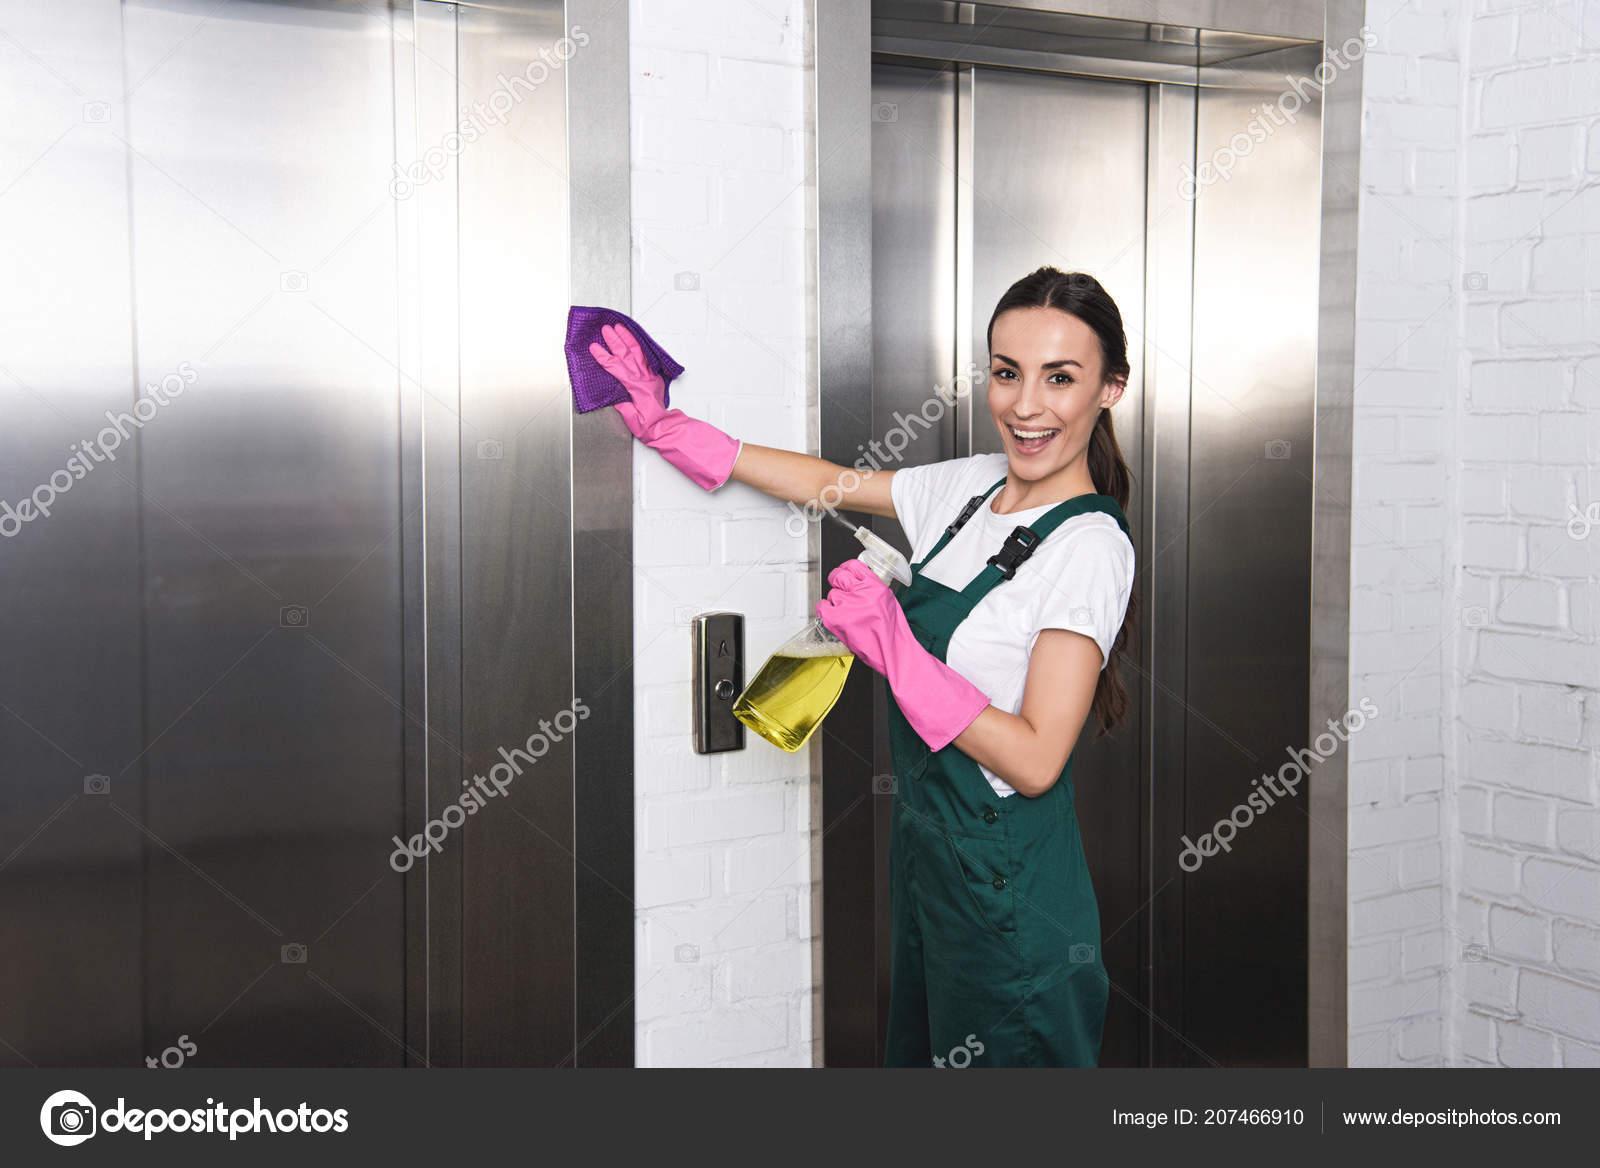 e7ddbec59642 Bella giovane società operaio di pulizia pulizia ascensore e sorride alla  macchina fotografica — Foto di ...